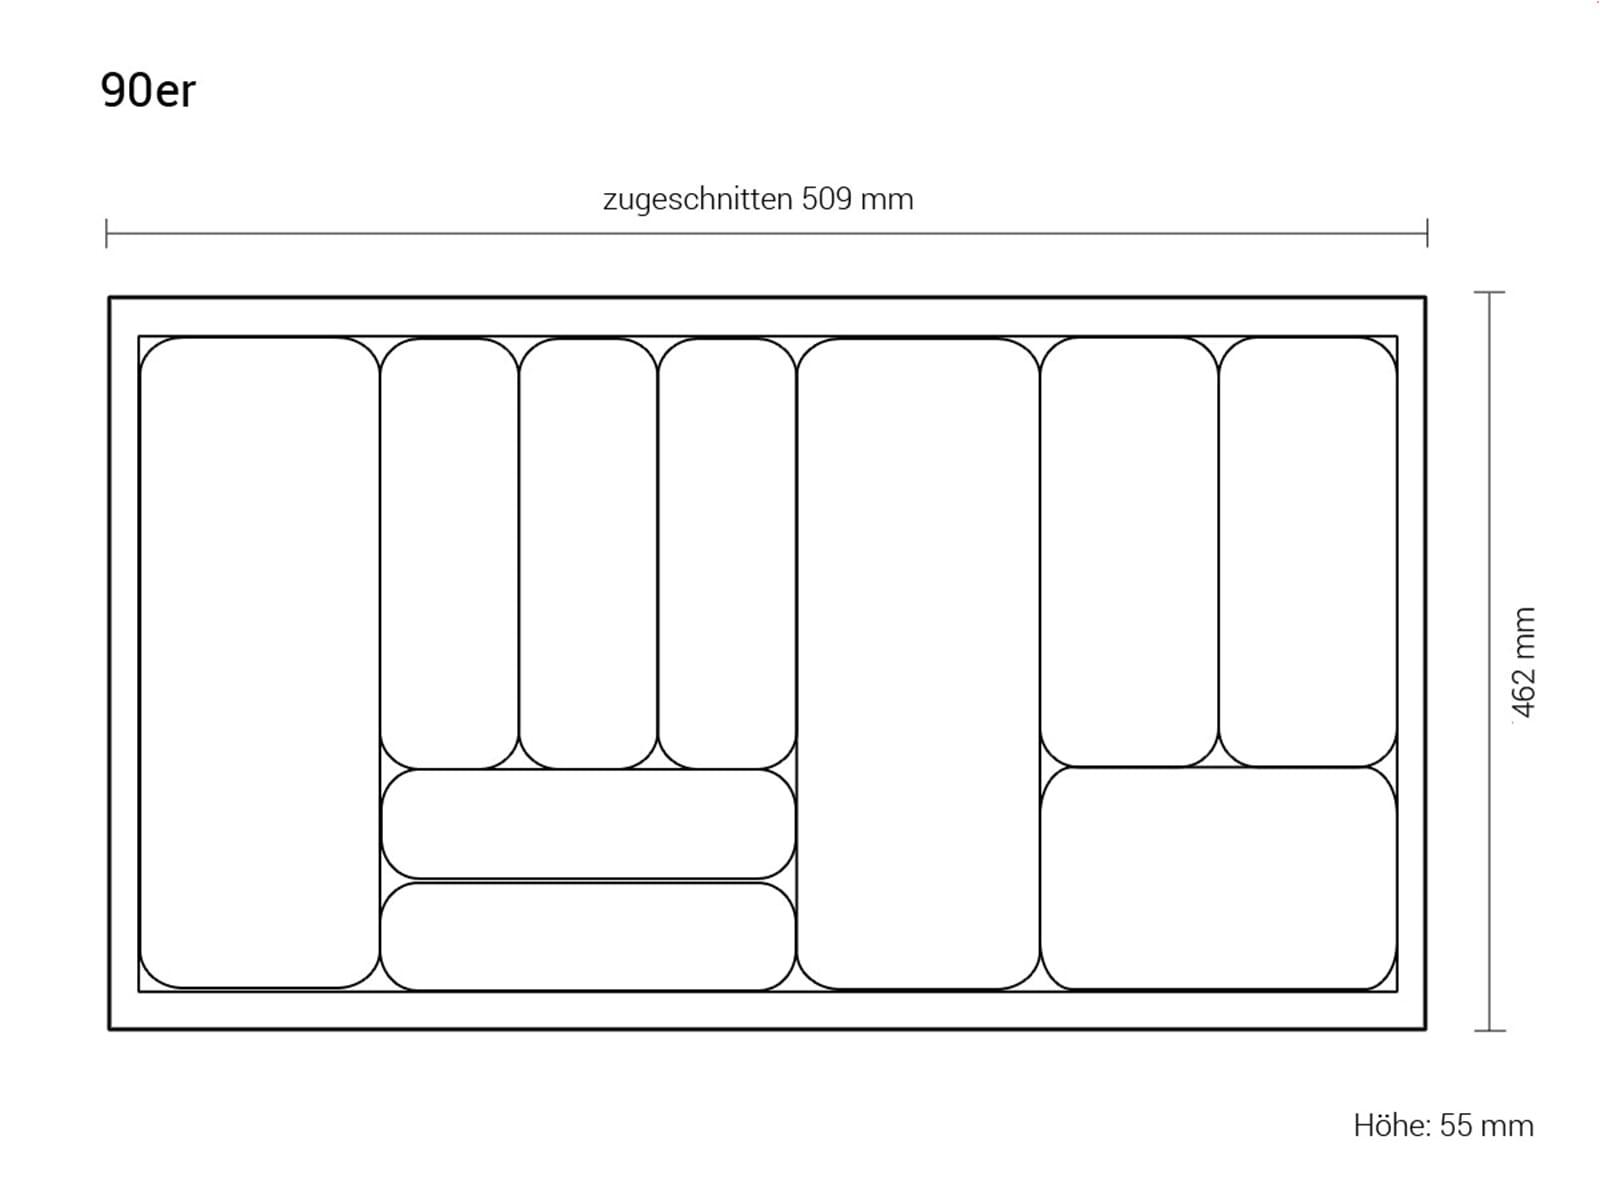 dirks besteckeinsatz combi 90er breite. Black Bedroom Furniture Sets. Home Design Ideas